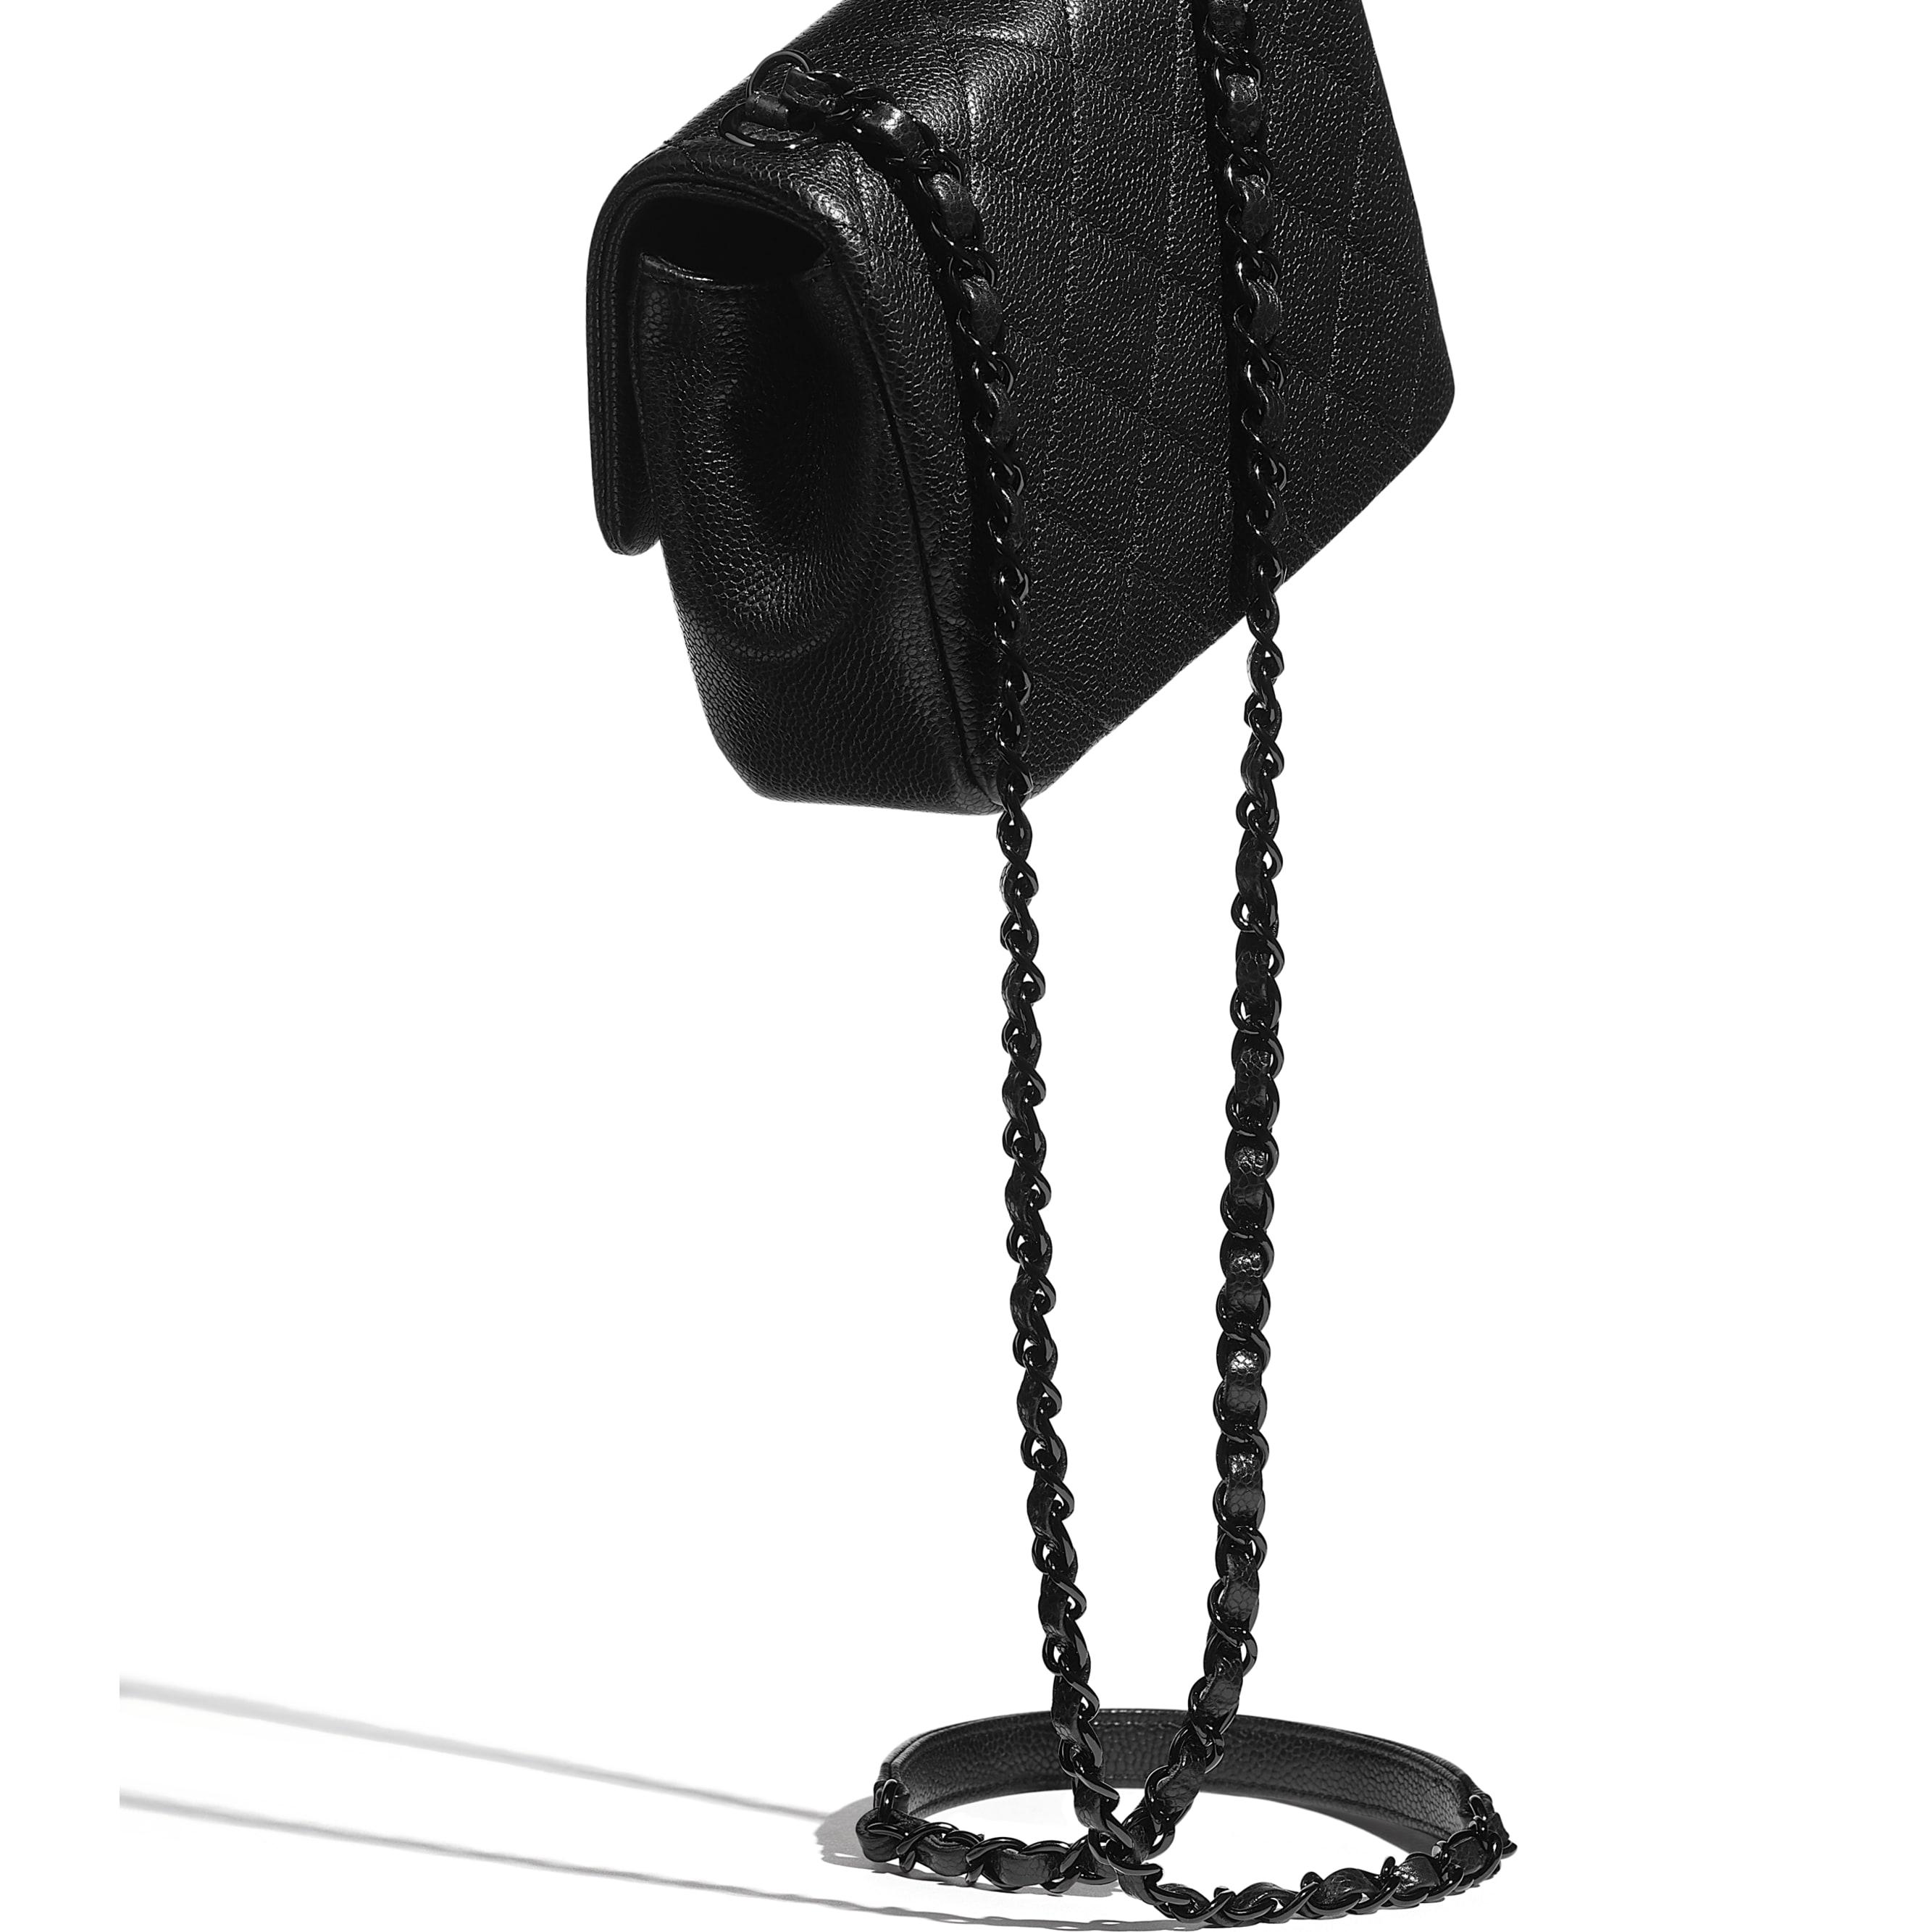 Bolso con solapa - Negro - Piel de ternera granulada y metal lacado - CHANEL - Vista adicional - ver la versión tamaño estándar